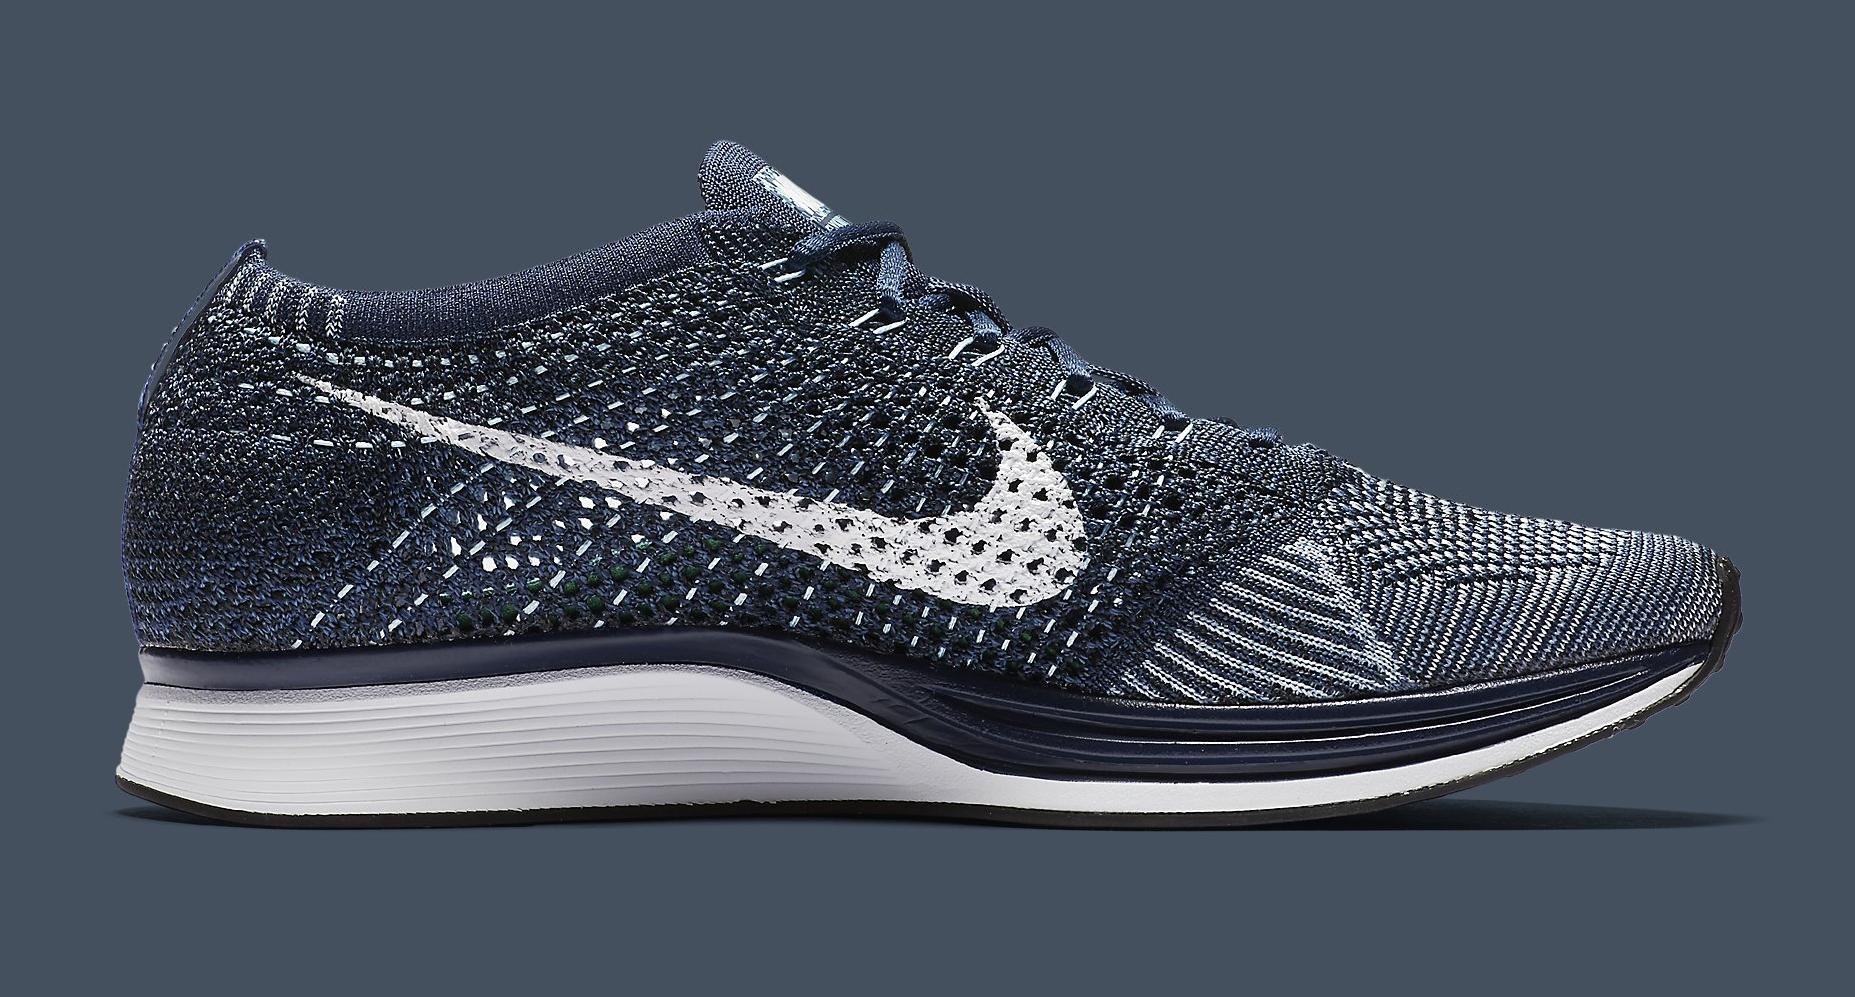 Nike Flyknit Racer Blue Tint White 862713-401 Medial